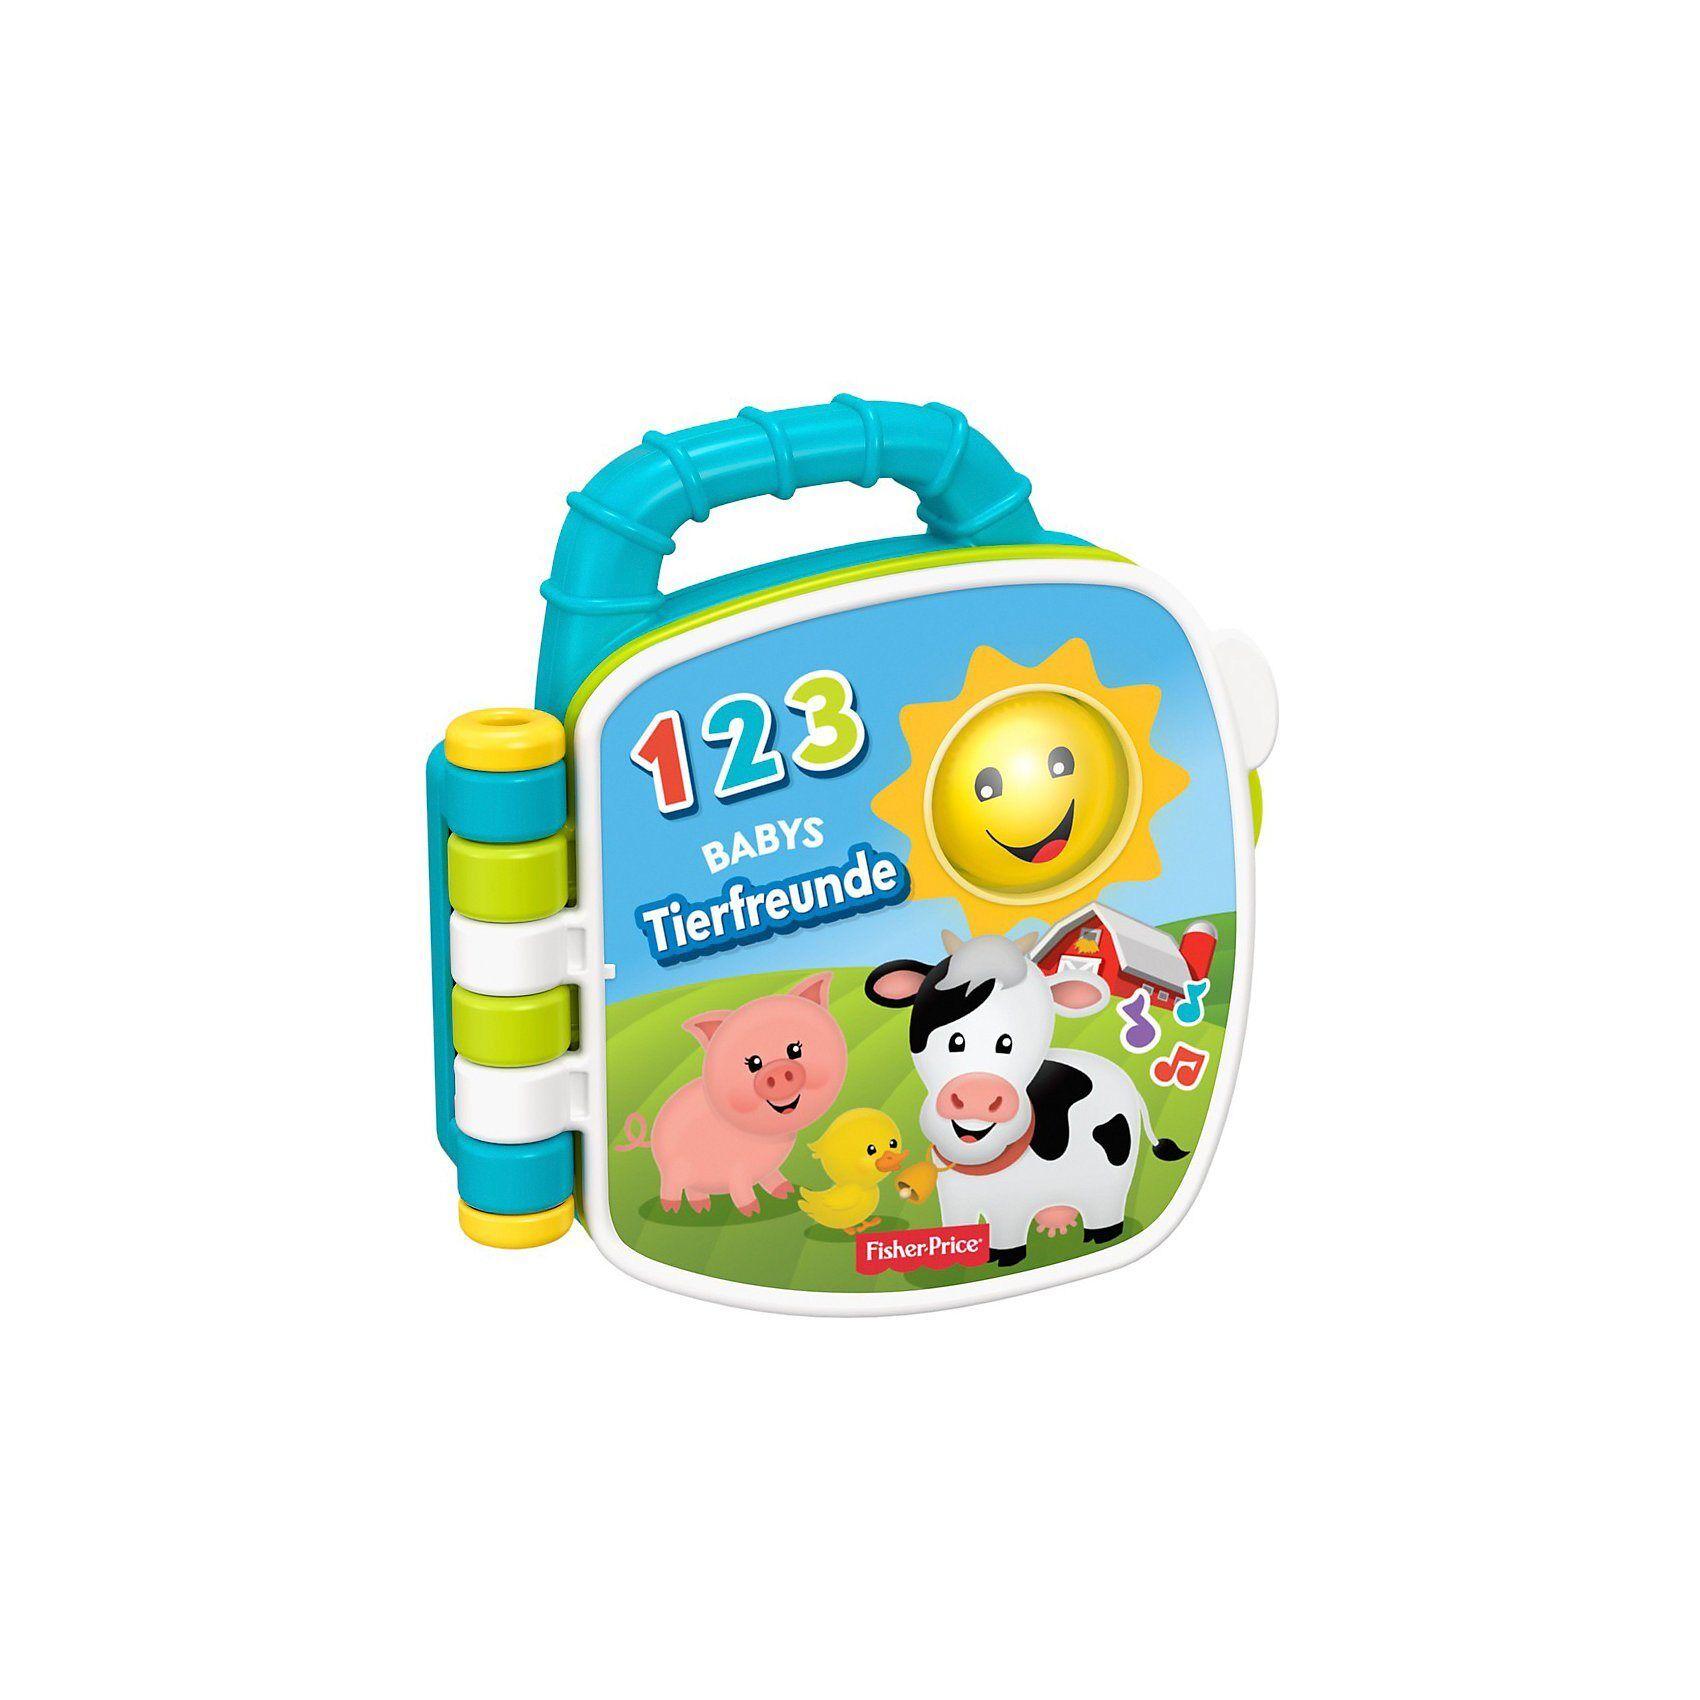 Mattel Fisher-Price Tierfreunde-Liederbuch, Baby-Spielzeug mit Musi